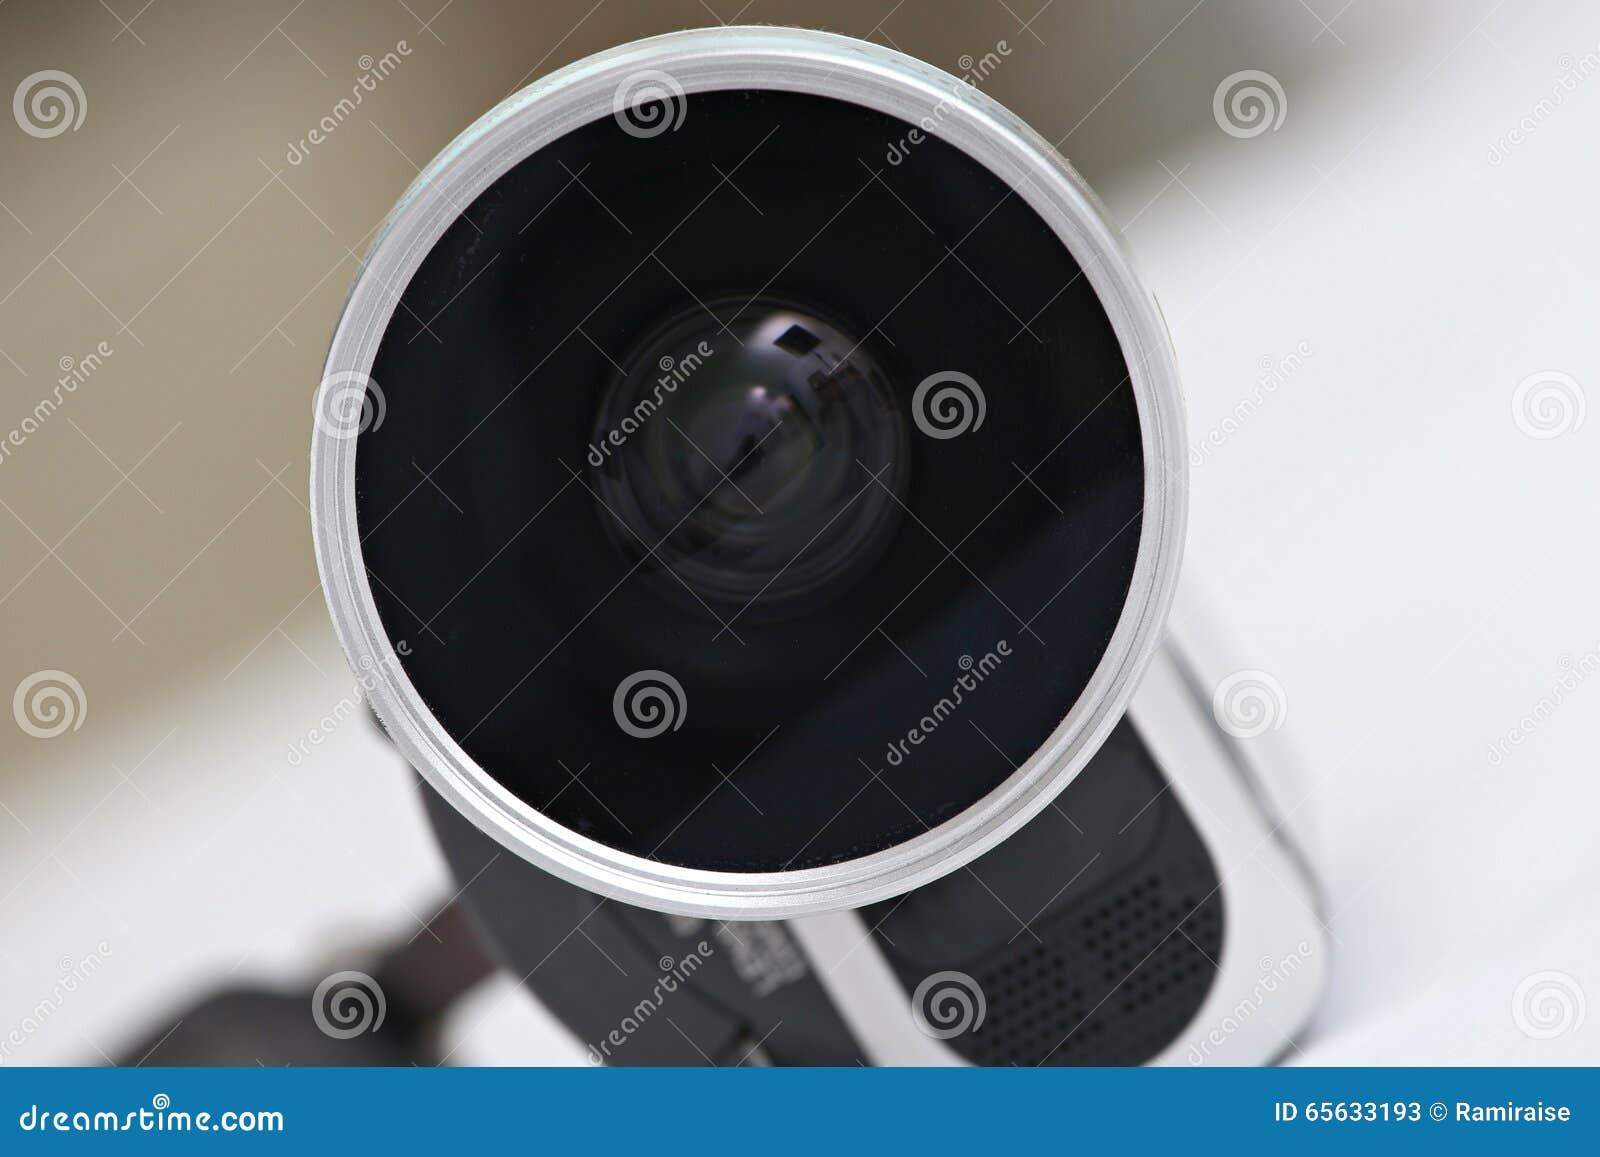 Lentille d une caméra vidéo